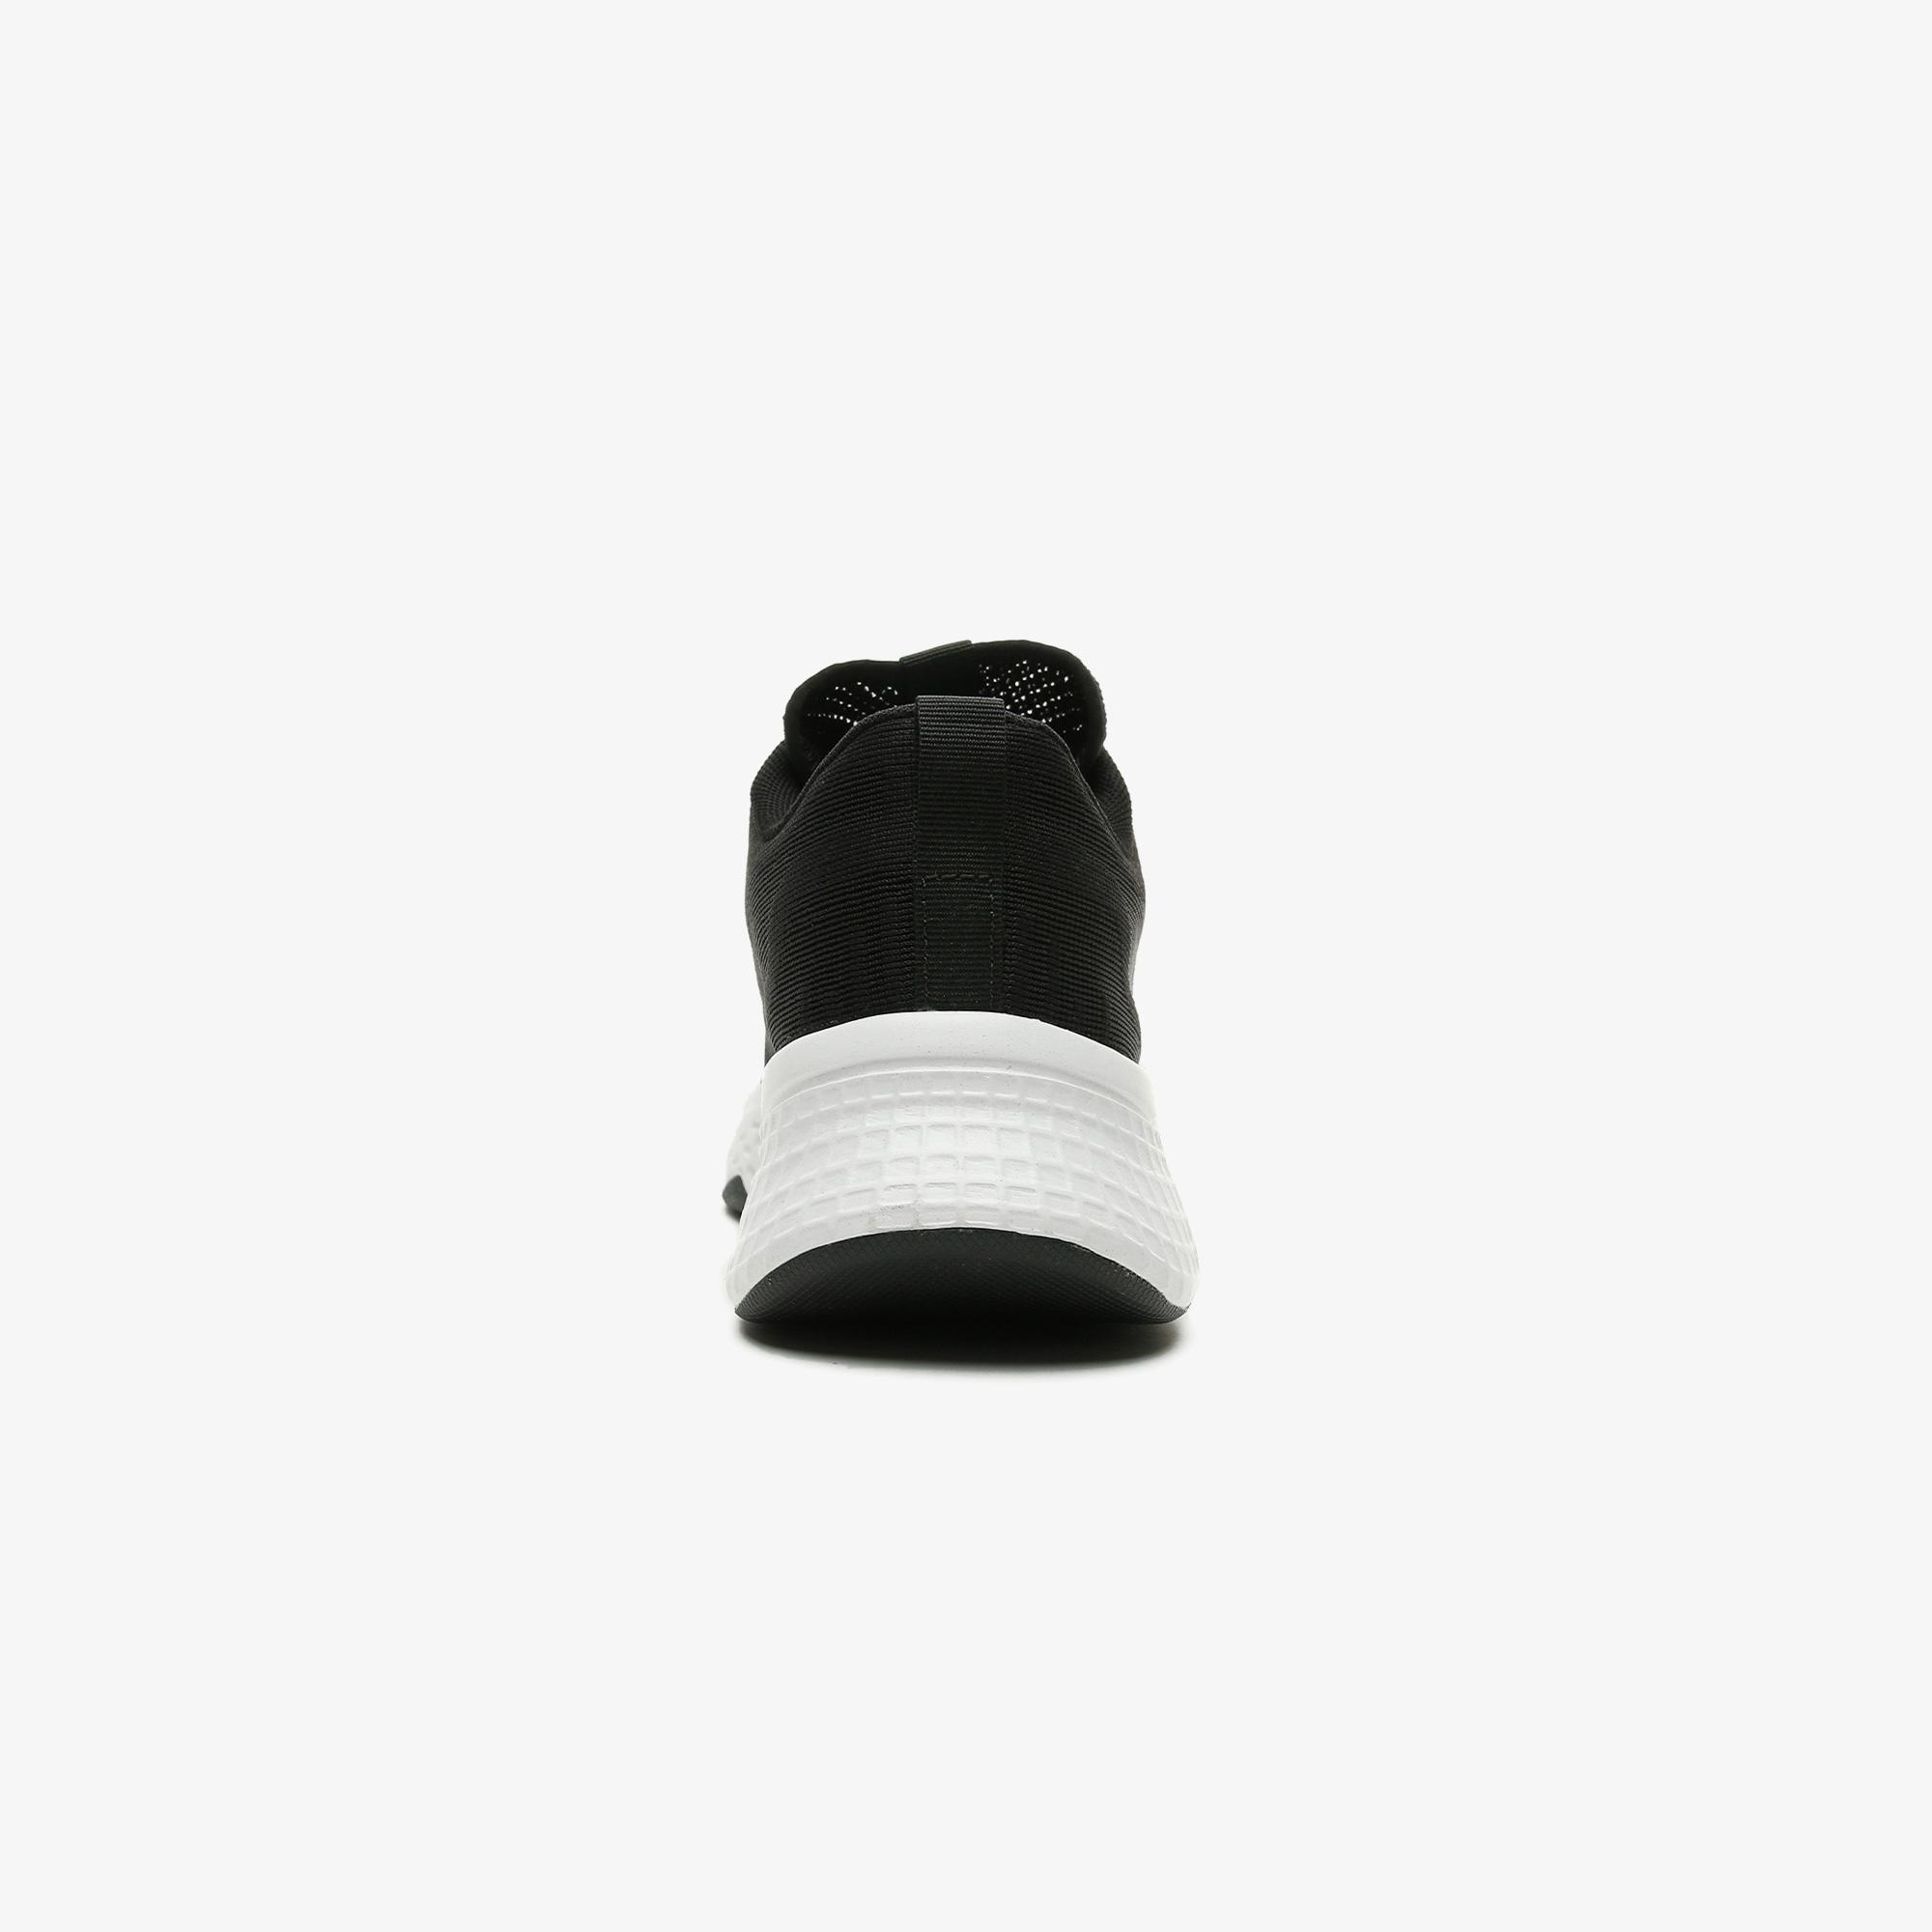 Lacoste Court-Drive Fly 07211 Sfa Kadın Siyah - Beyaz Spor Ayakkabı